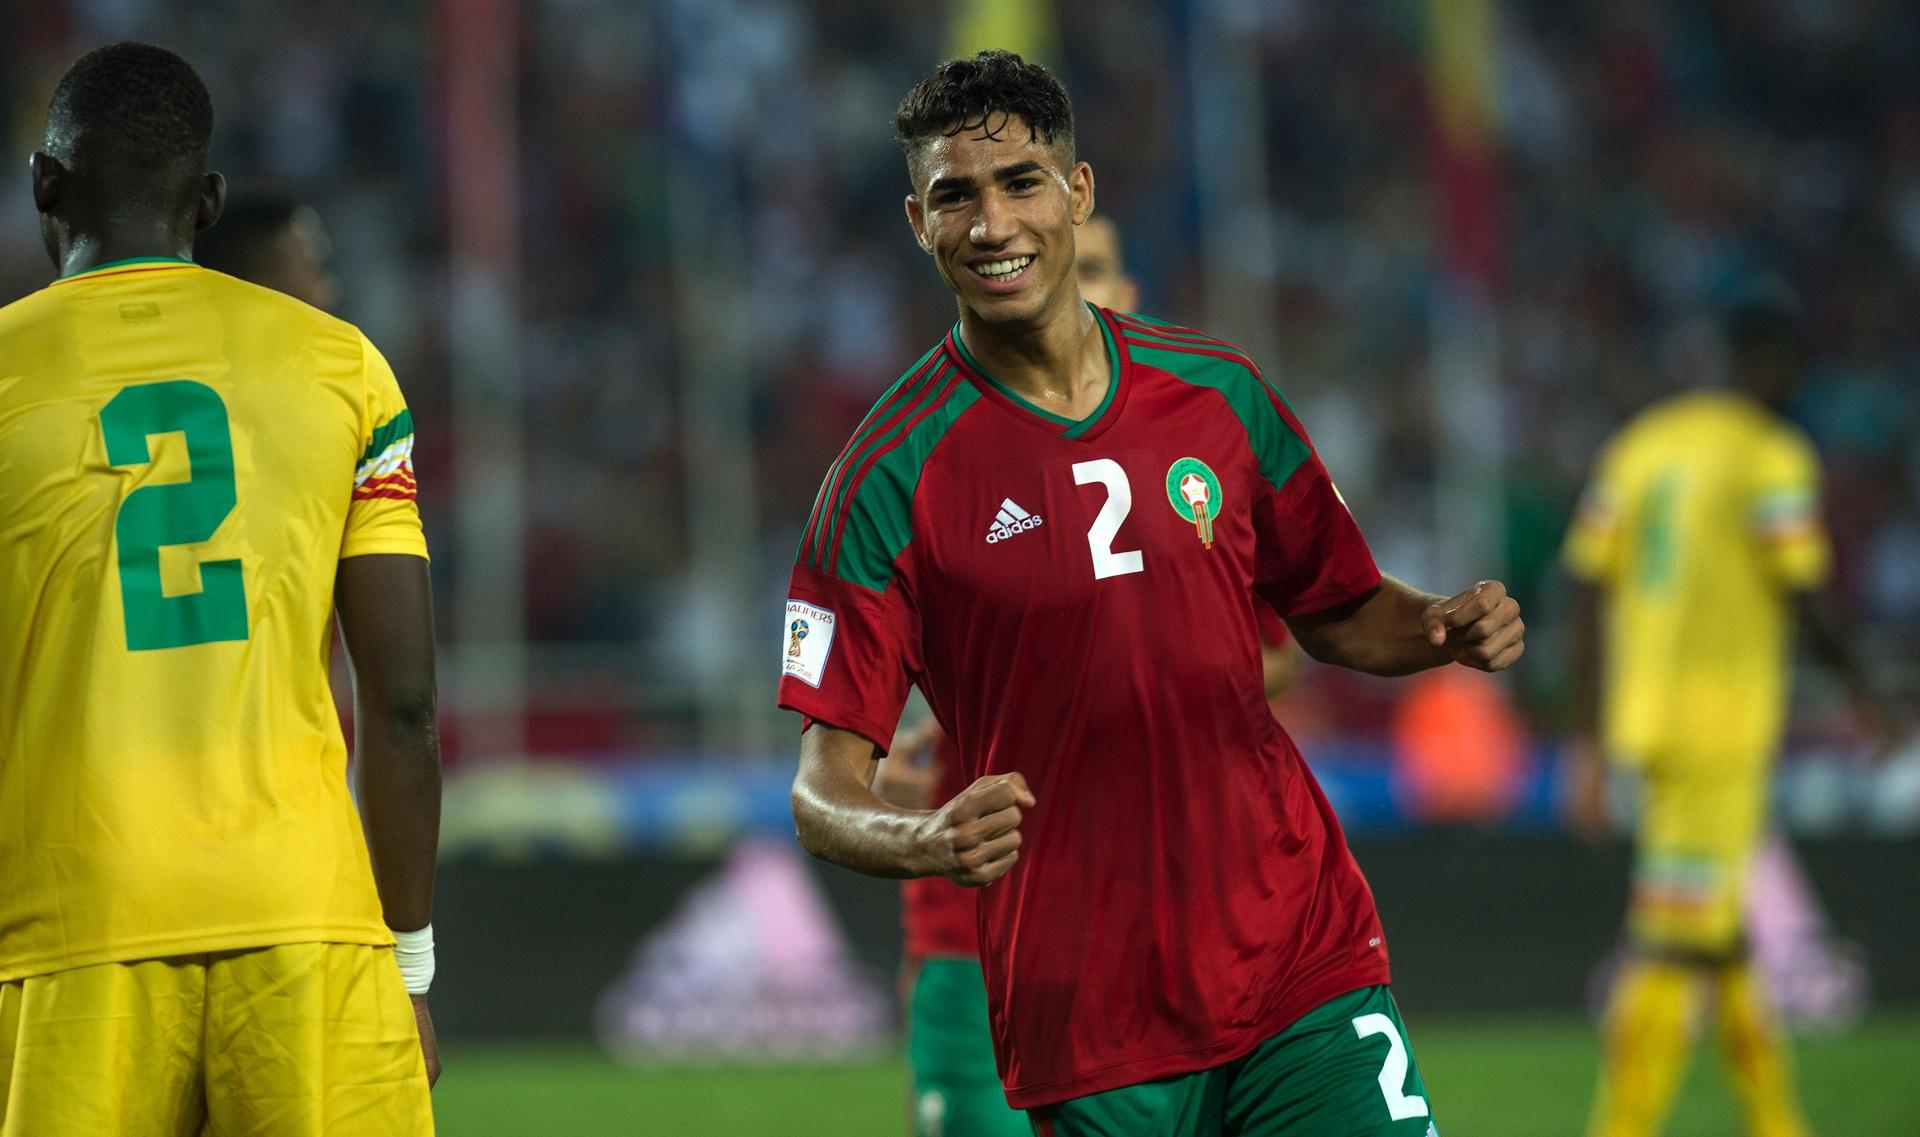 نتيجة بحث الصور عن أشرف حكيمي المنتخب المغربي